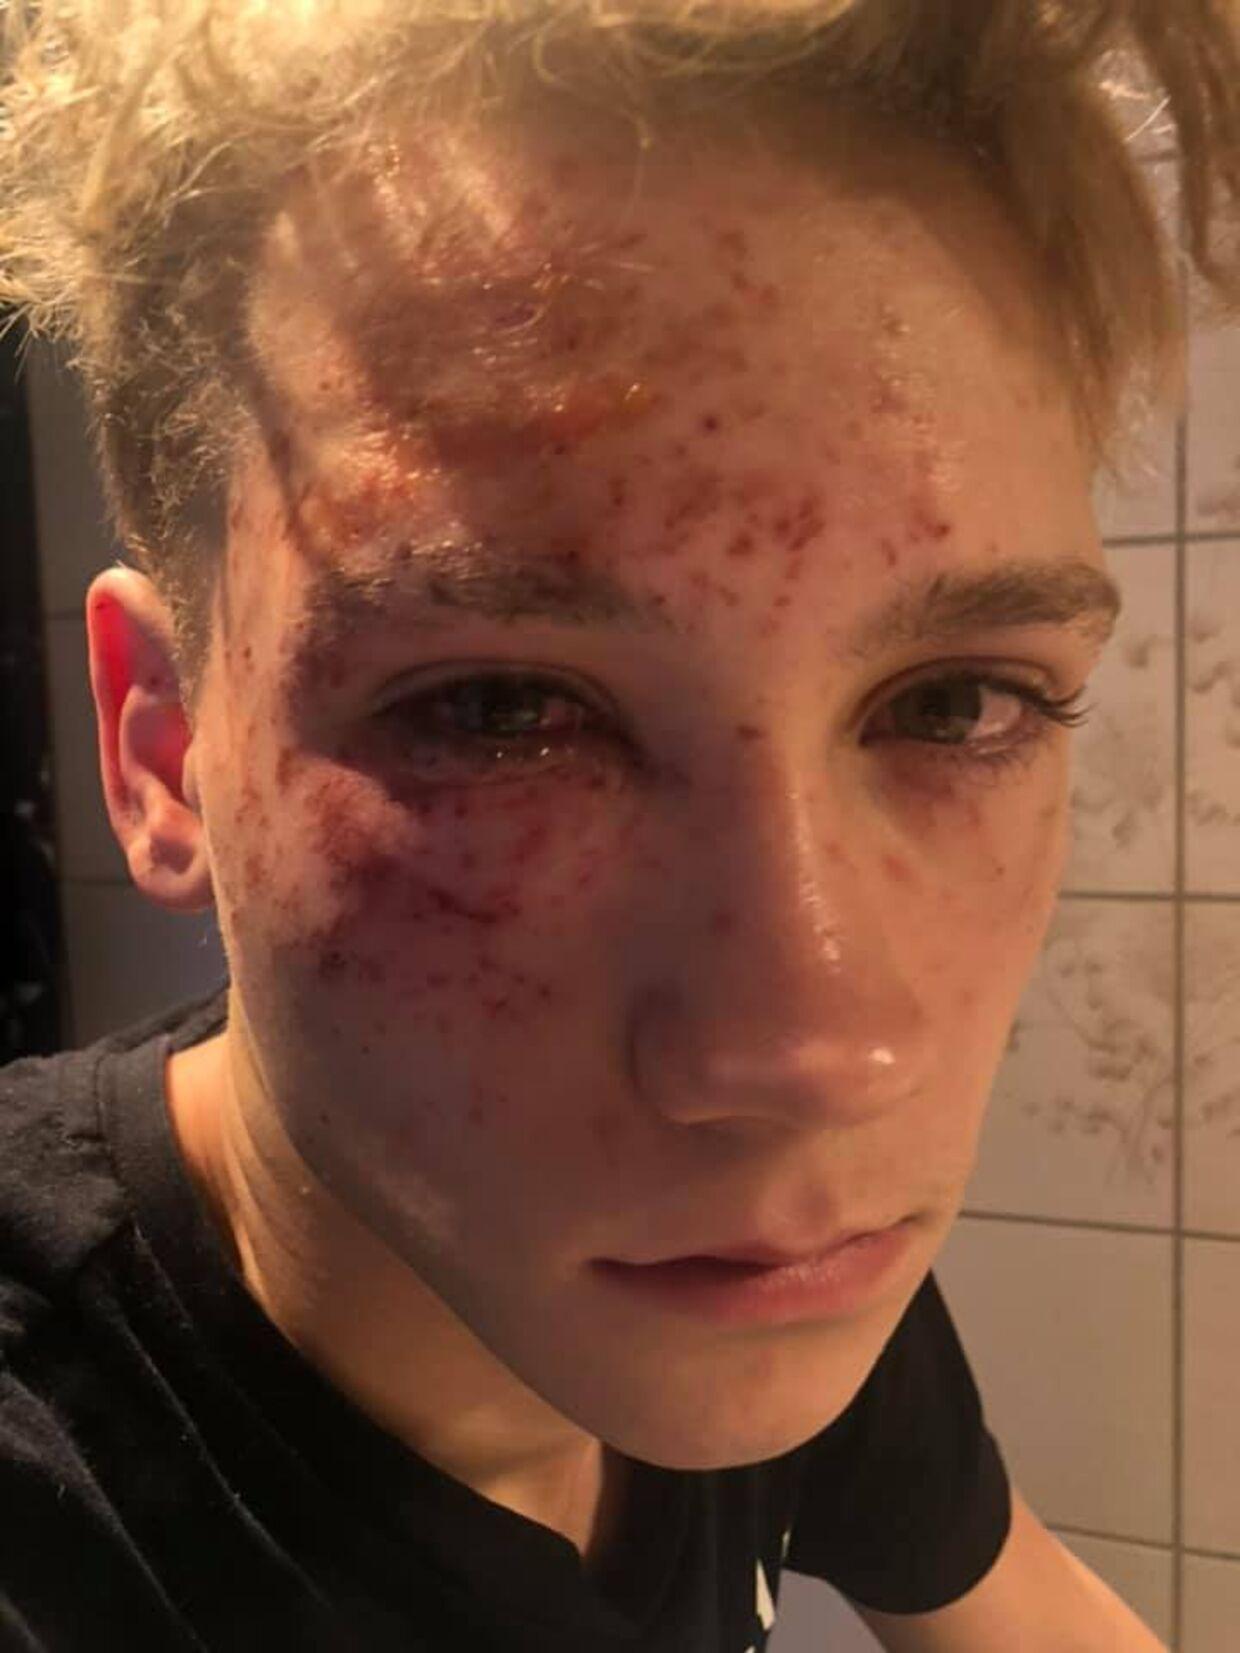 Mandag aften eksploderede et stykke fyrværkeri lige ved Markus ansigt. I dag siger han, at han aldrig vil tæt på fyrværkeri igen. Selvom han slap med mindre fysiske skader, fortæller hans mor, at han stadig er meget påvirket af ulykken mentalt.